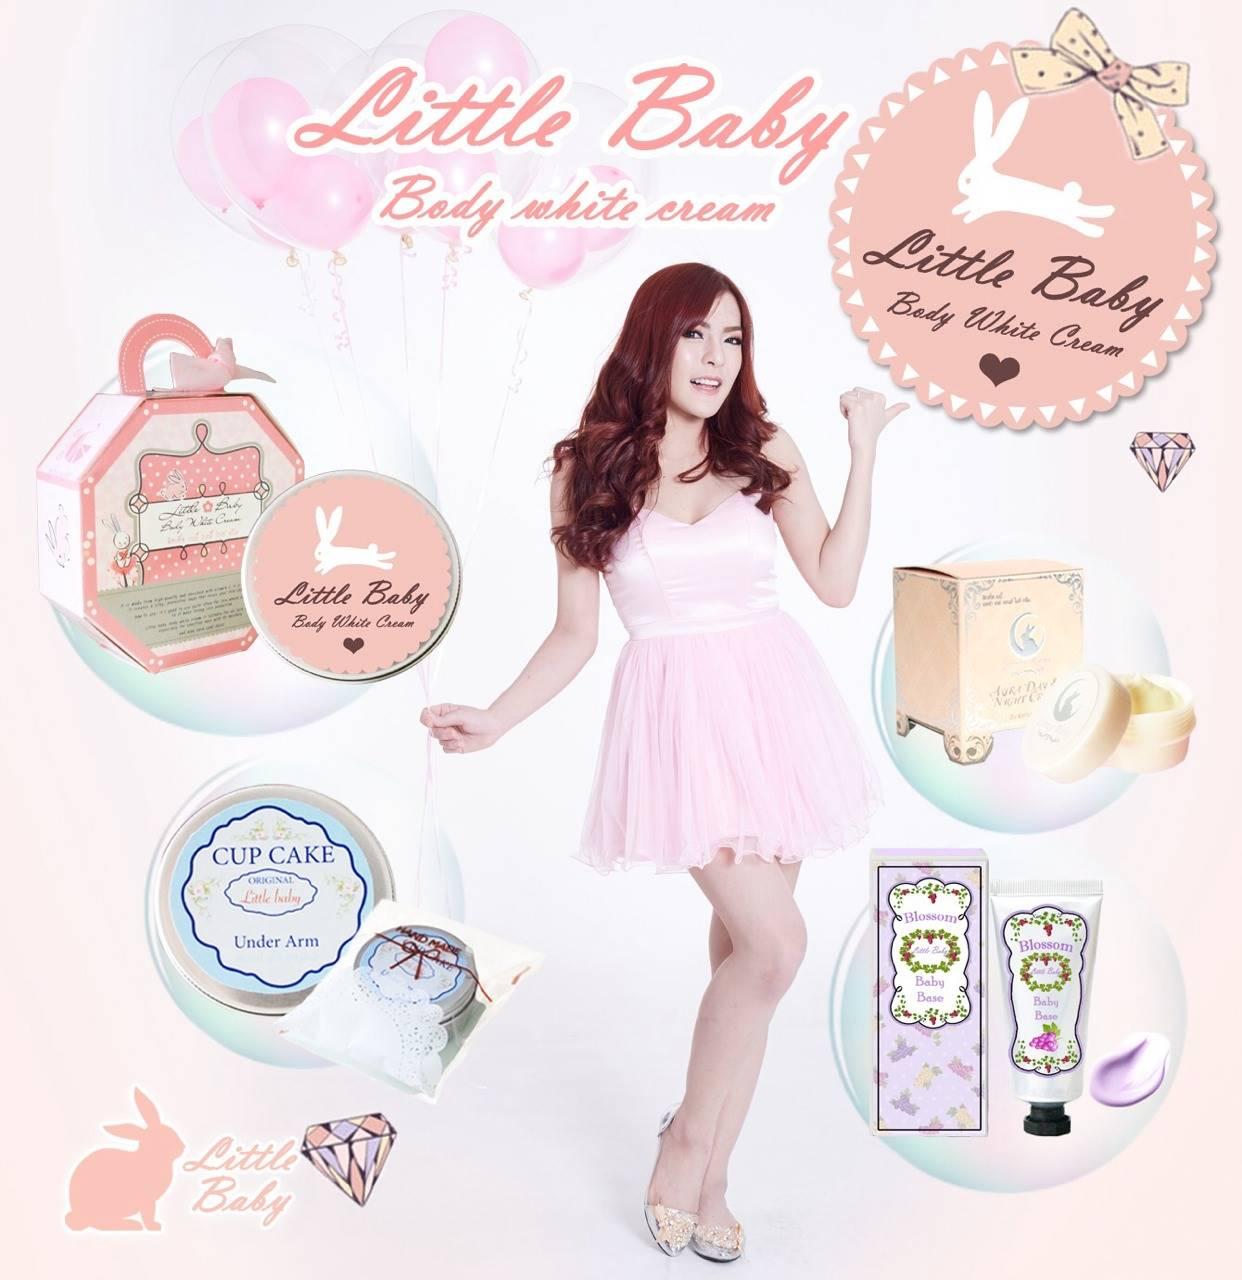 ปัญหารักแร้ดํา, รักแร้ดํา, รักแร้ดํา pantip, รักแร้ดํา หนังไก่, รักแร้ดํา ใช้อะไรดี, รักแร้ดํา ทำไงดี, พาสเจล, พาสเจล รักแร้, พาสเจล รักแร้ขาว, Cup Cake Under Arm, Under Arm Cupcake cream, Cup Cake cream, ลิตเติ้ลเบบี้,little baby ครีม,little baby body white cream,ลิตเติ้ลเบบี้ ครีม, ออร่า เดย์ แอนด์ ไนท์ , Aura Day& Night By Little Baby, Aura Day & Night Cream, Aura by Little Baby, ลิตเติ้ลเบบี้,little baby, By Little Baby, CoCo Soap Plus green tea, CoCo Soap green tea, coco soap, สบู่มะพร้าว coco soap, สบู่มะพร้าวชาเขียว, สบู่มะพร้าว, สบู่มะพร้าว สรรพคุณ, สบู่ไข่ขาวสวีเดน, สบู่ล้างหน้า, สบู่ล้างหน้าที่ดีที่สุด, สบู่ล้างหน้า cetaphil, สบู่ล้างหน้า acne aid, สบู่ล้างหน้า สิว, สบู่ wink white รีวิว, สบู่ wink white ปลอม, สบู่ wink white ของปลอม, สบู่ชาเขียว pantip, สบู่ wink white แท้, สบู่ wink white ของแท้, สบู่เต้าหู้, สบู่ชาเขียว, สบู่ชาเขียวญี่ปุ่น, สบู่แครอท, สบู่เบนเนท, สบู่ มาดามเฮง,